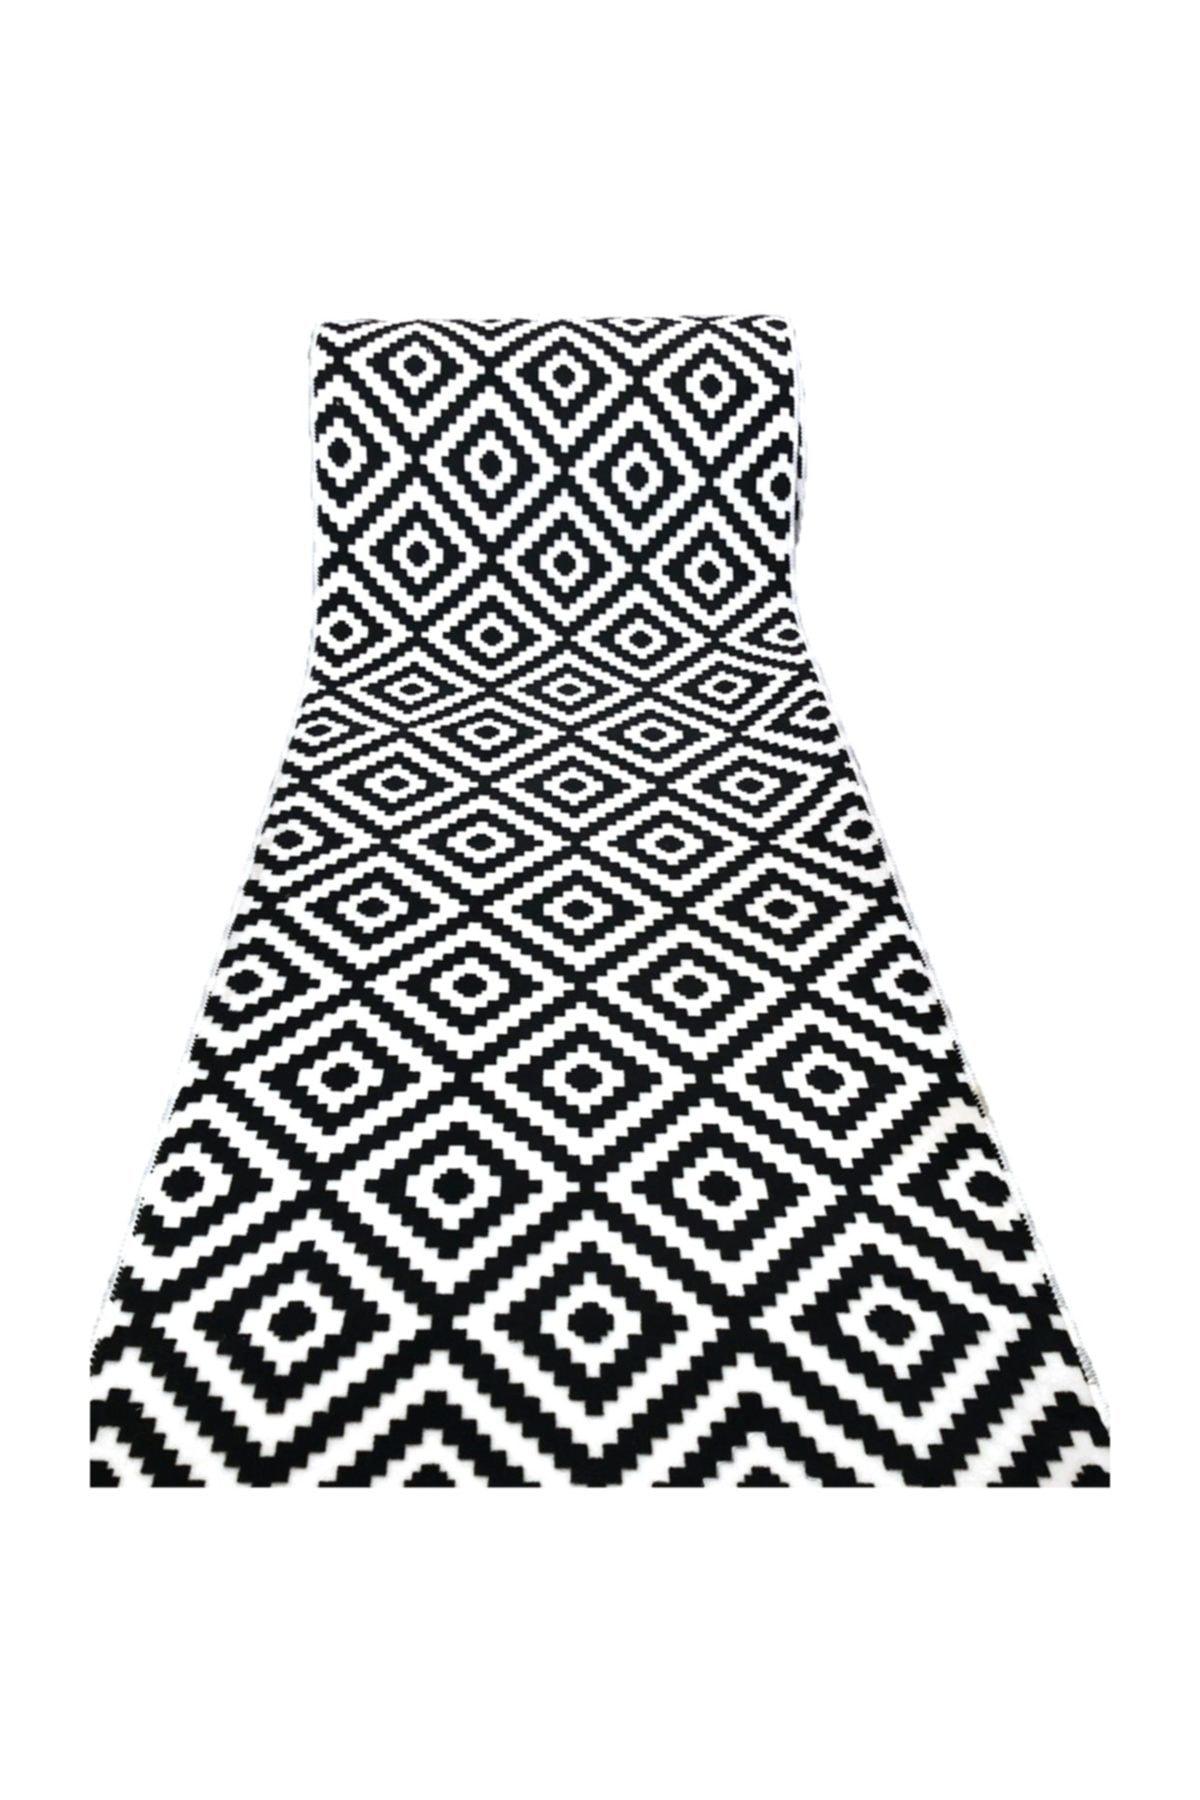 AKSU Halı Siyah Beyaz Piramit Desen Kaydırmaz Taban Halı Yolluk 1